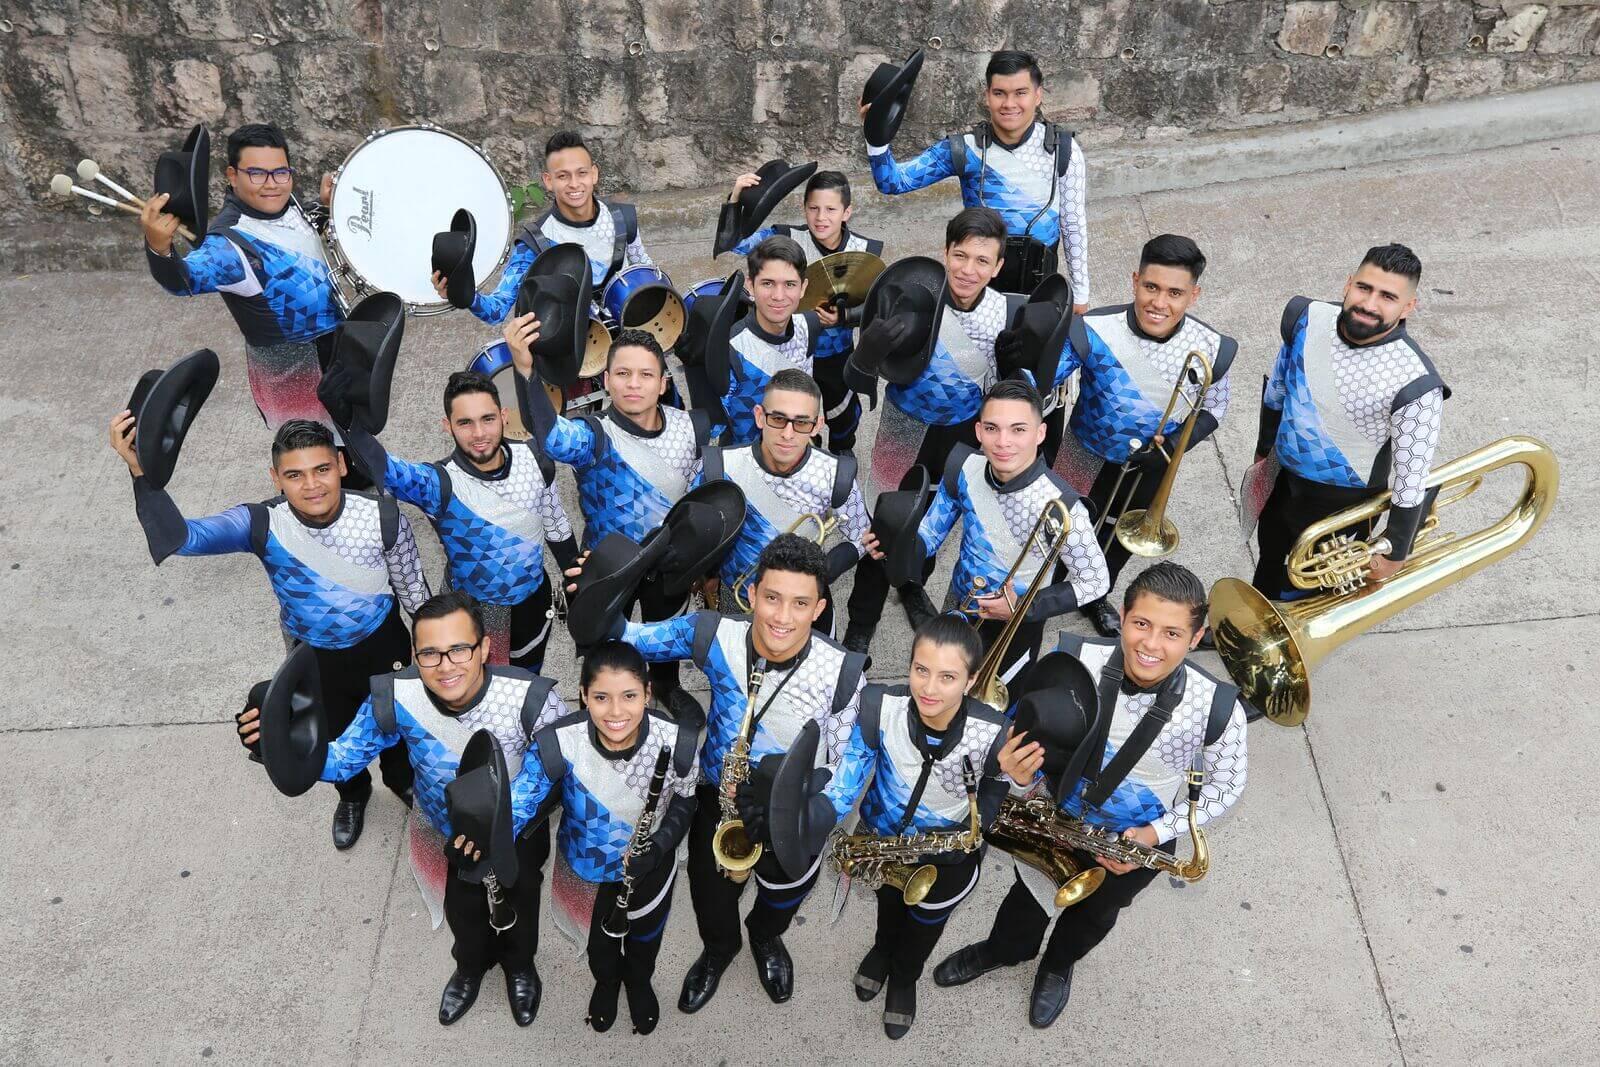 6aaedc601 Banda hondureña deleitará con su música al papa Francisco en el Vaticano